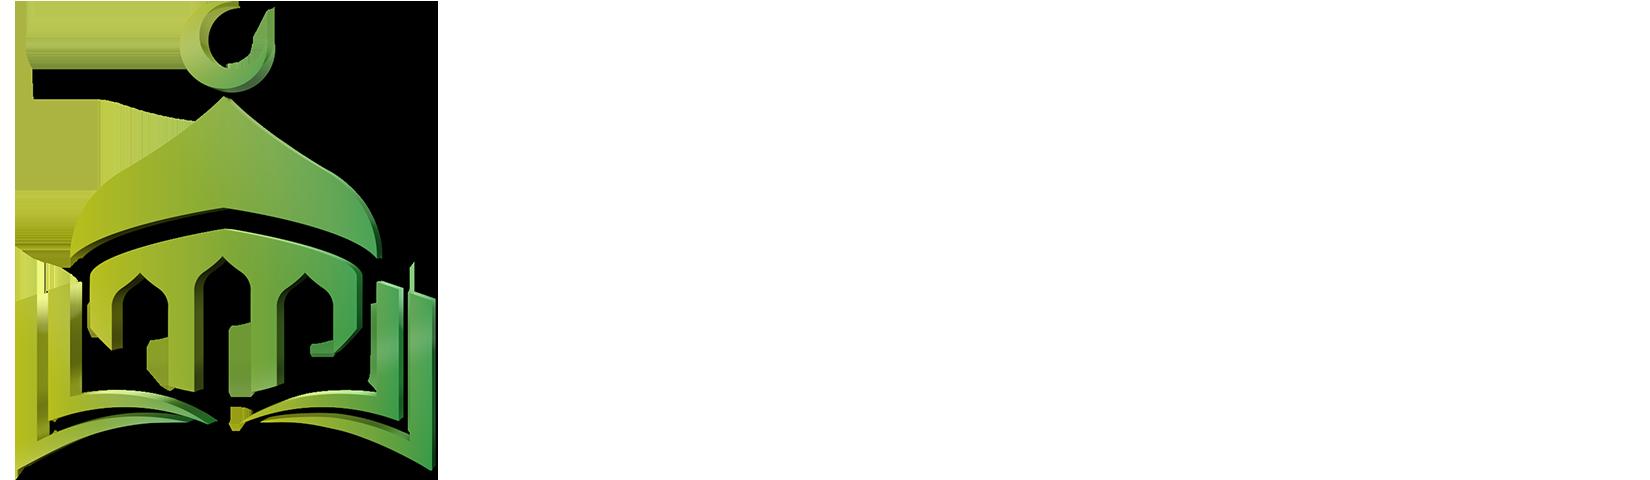 İslami Forum, Dini Forum, islami site, islami sohbet, radyo, islami bilgiler